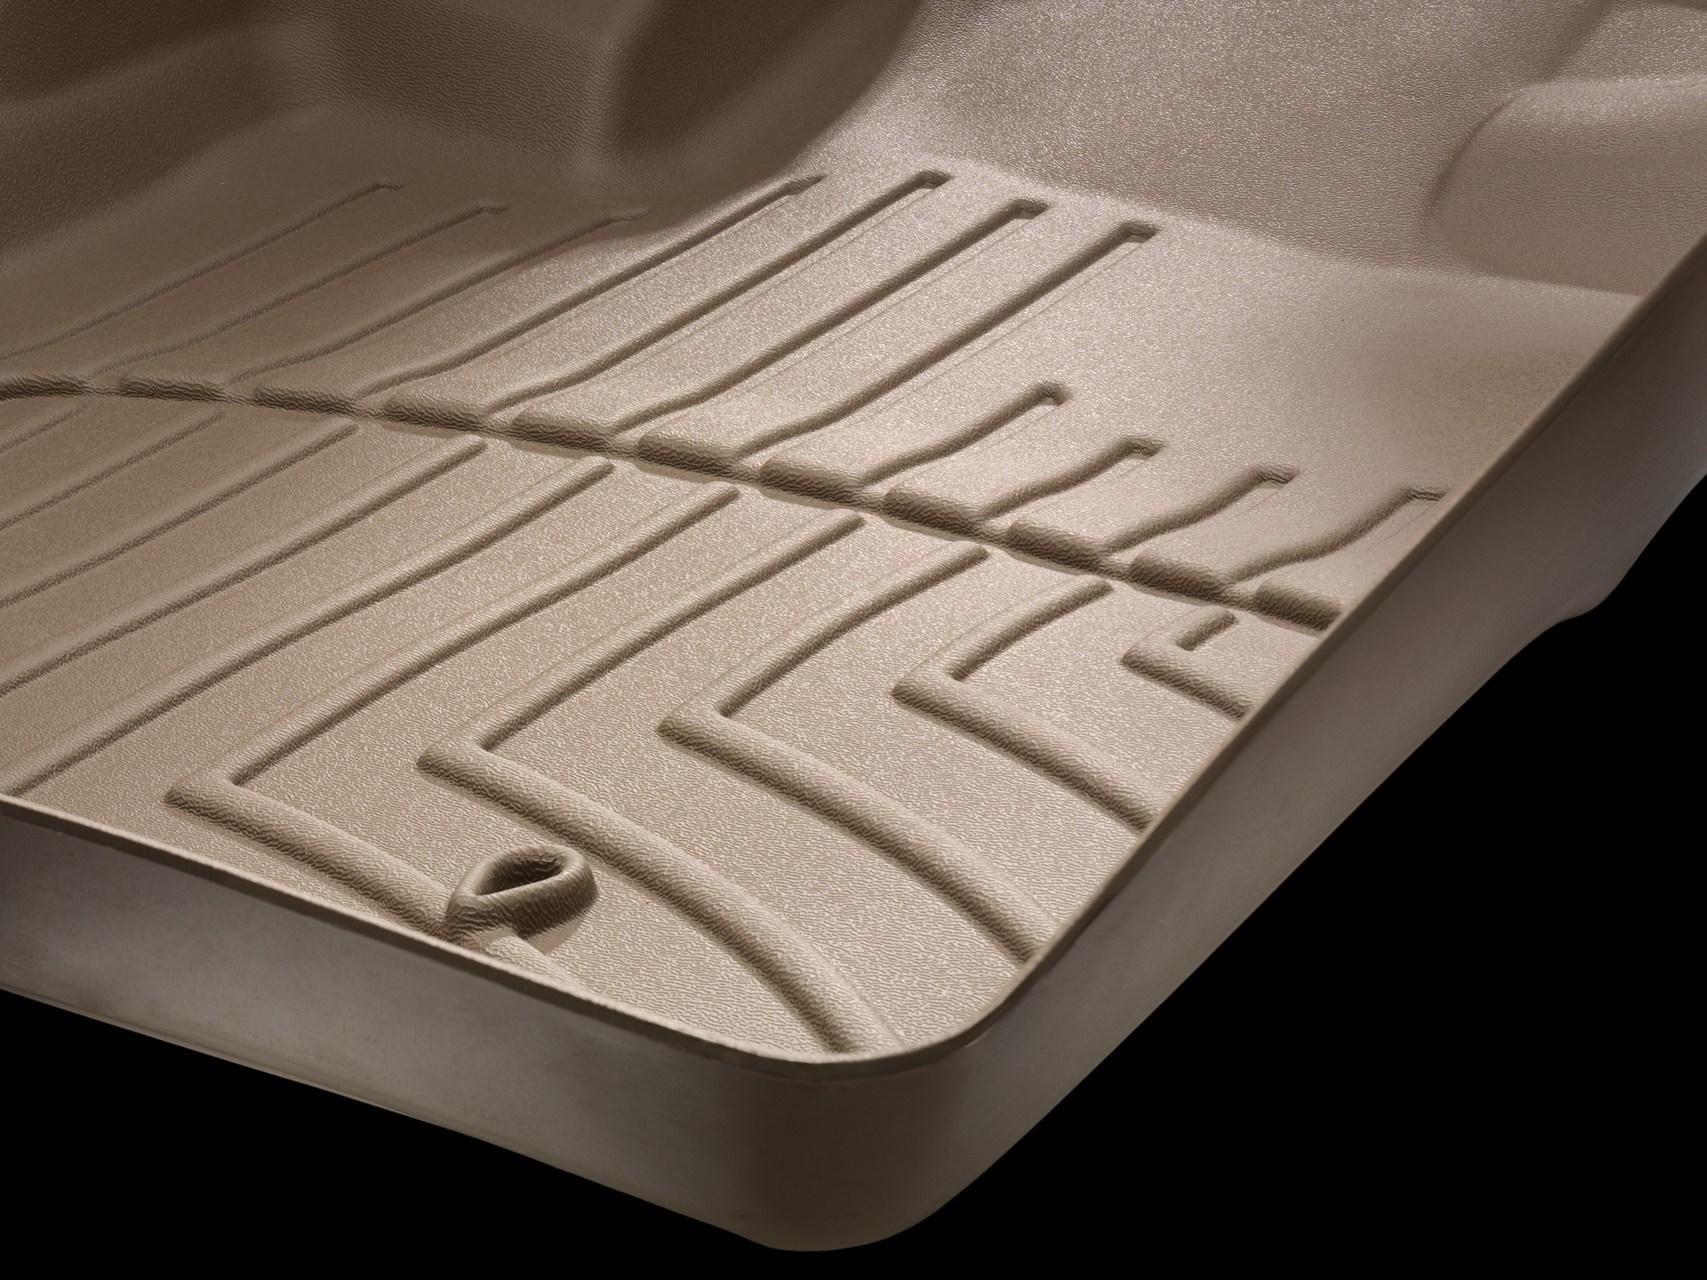 Weathertech mats not laying flat - Weathertech Mats Not Laying Flat 46